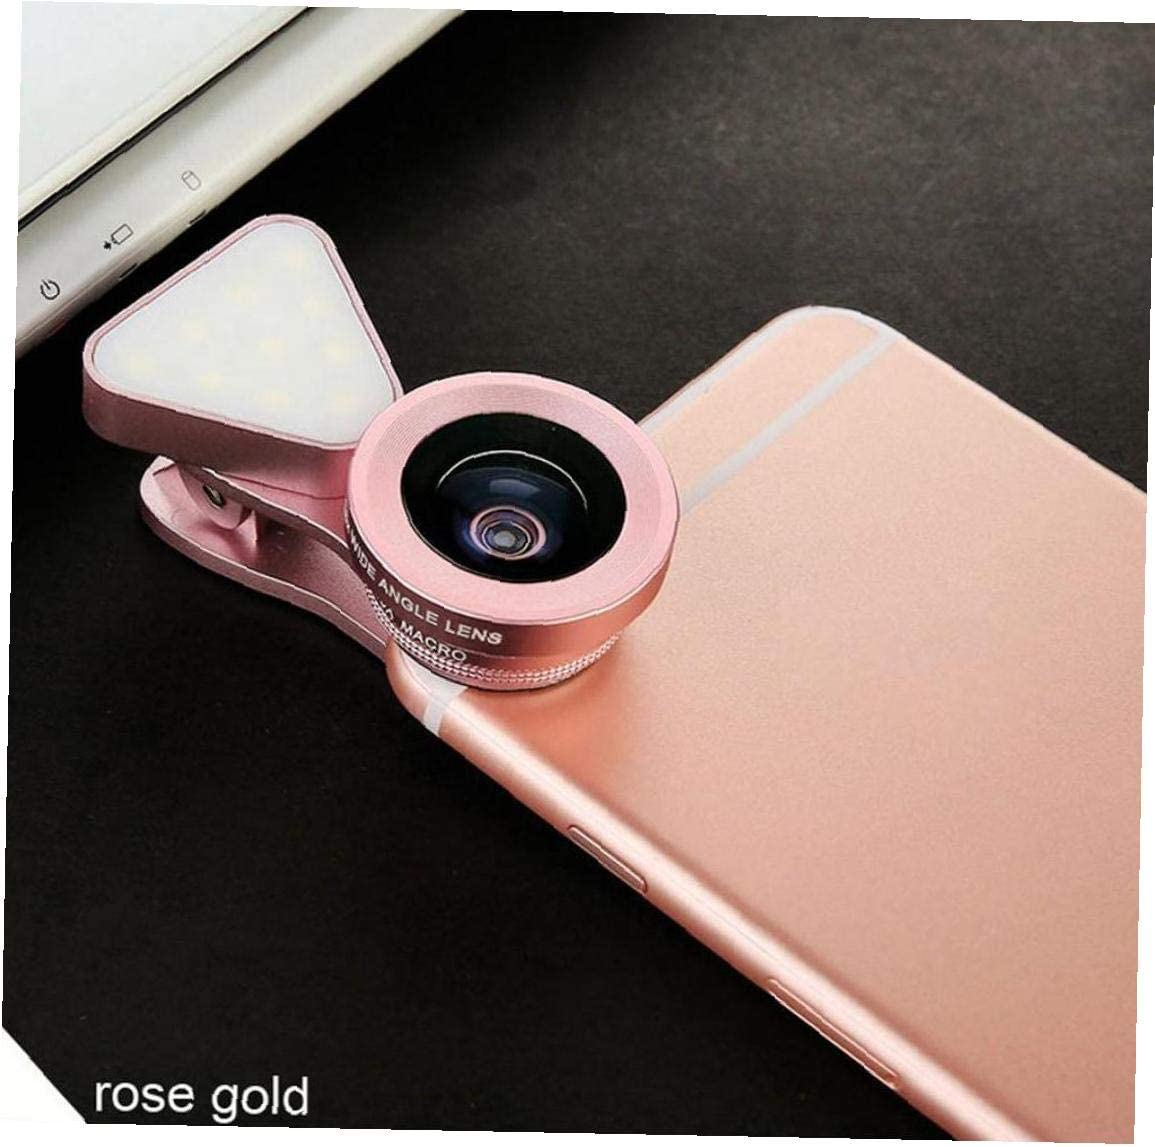 Enlace Cara del Tel/éfono De La Lente 0.6X Gran Angular De 15x Super Macro Lente Selfie Lente De La C/ámara Luz del M/óvil para El Tel/éfono M/óvil Todos